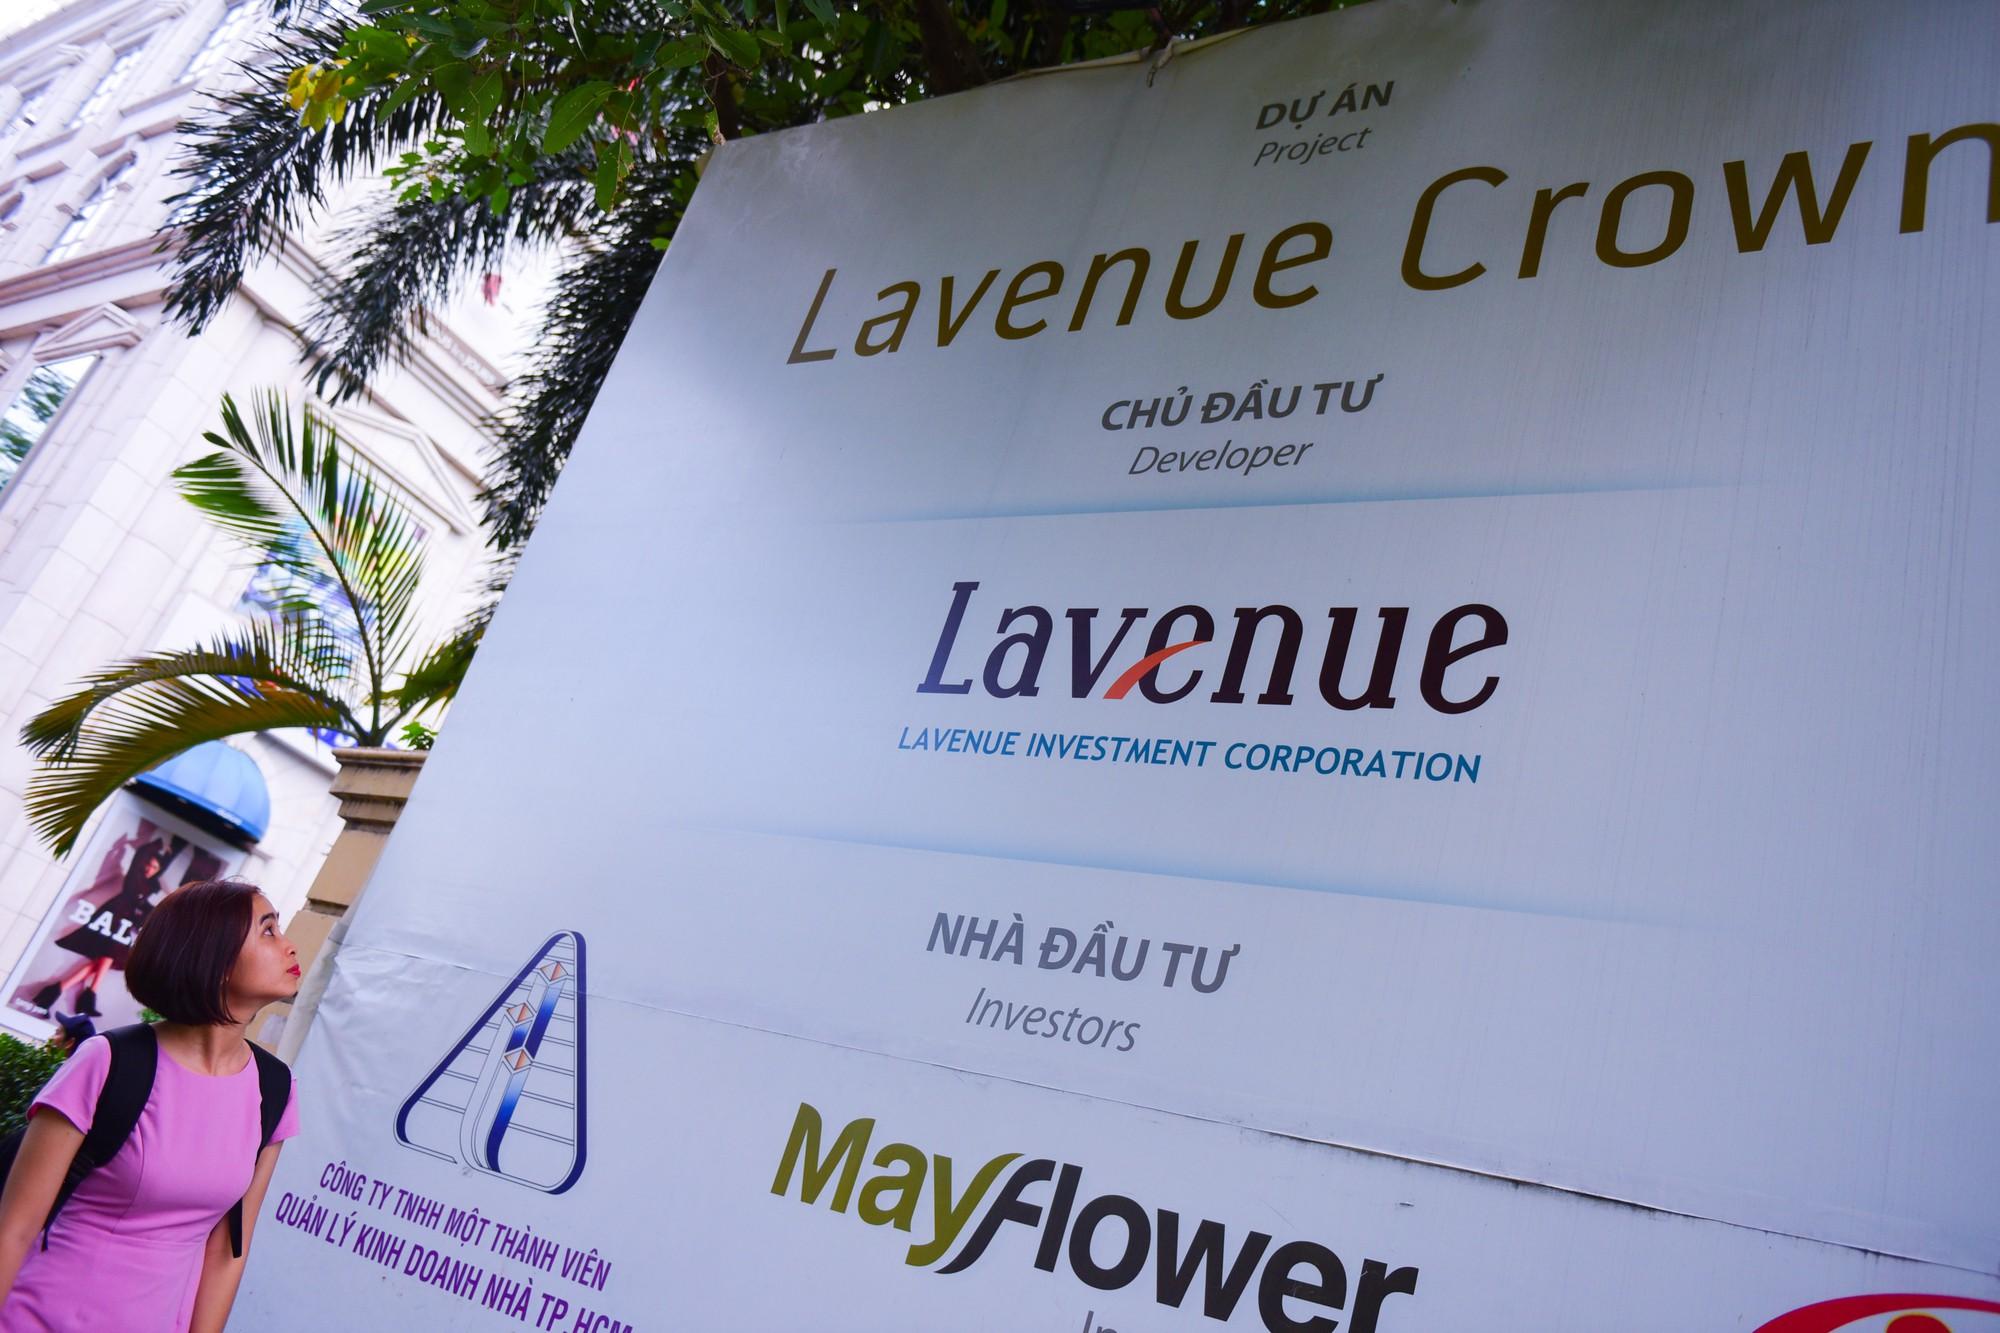 Cận cảnh khu đất vàng 5.000 m2 giữa Sài Gòn được cho thuê giá rẻ mạt  - Ảnh 4.